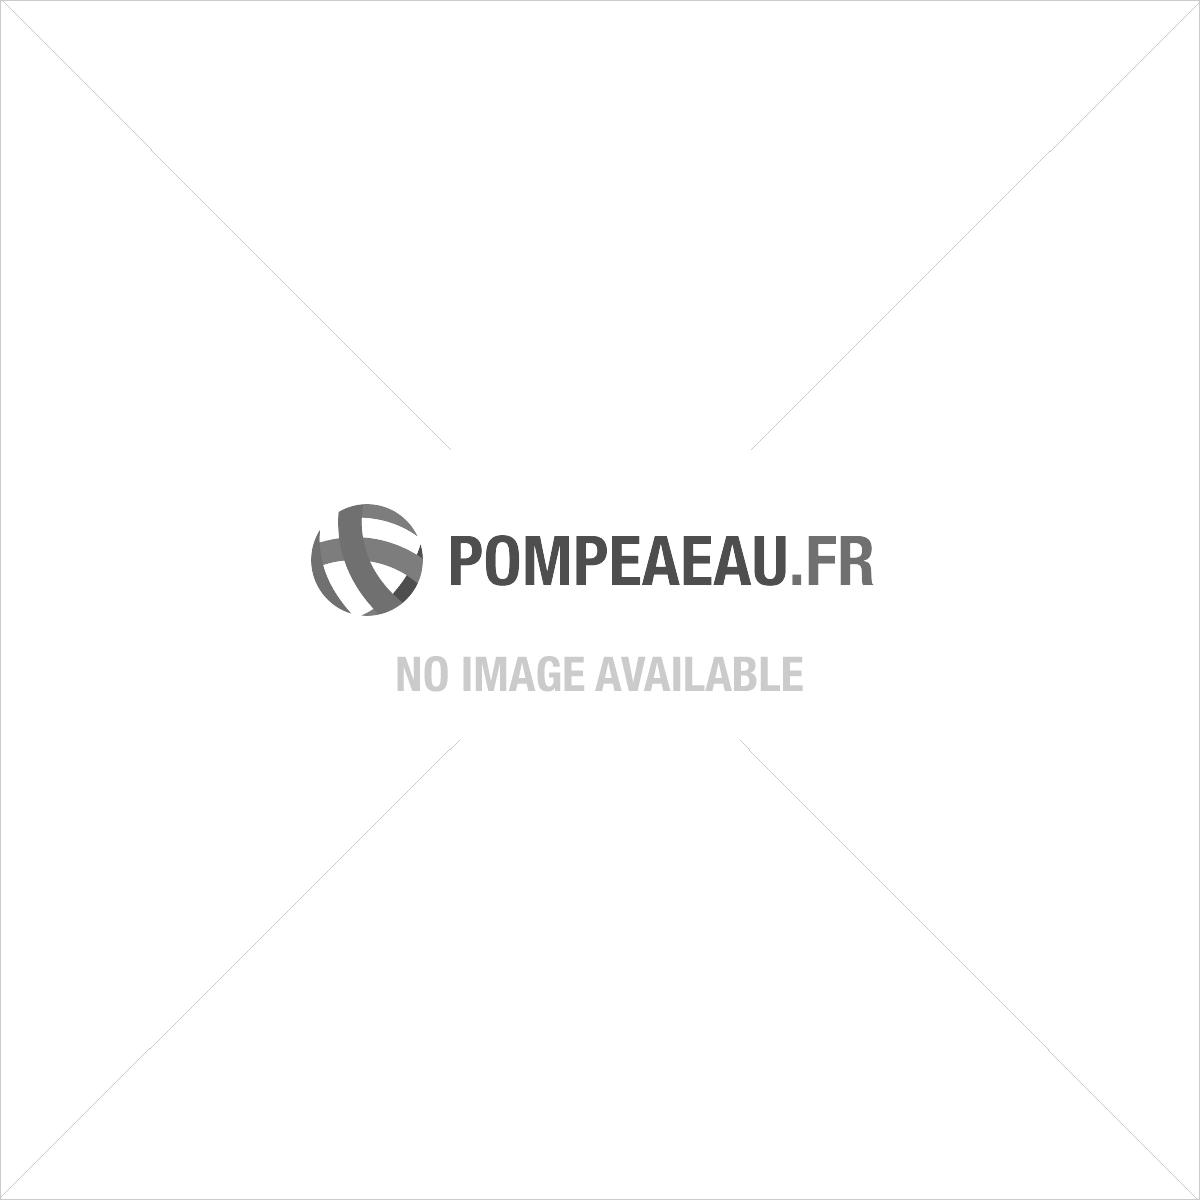 SaniAccess Pump - Sanibroyeur pour sanitaire